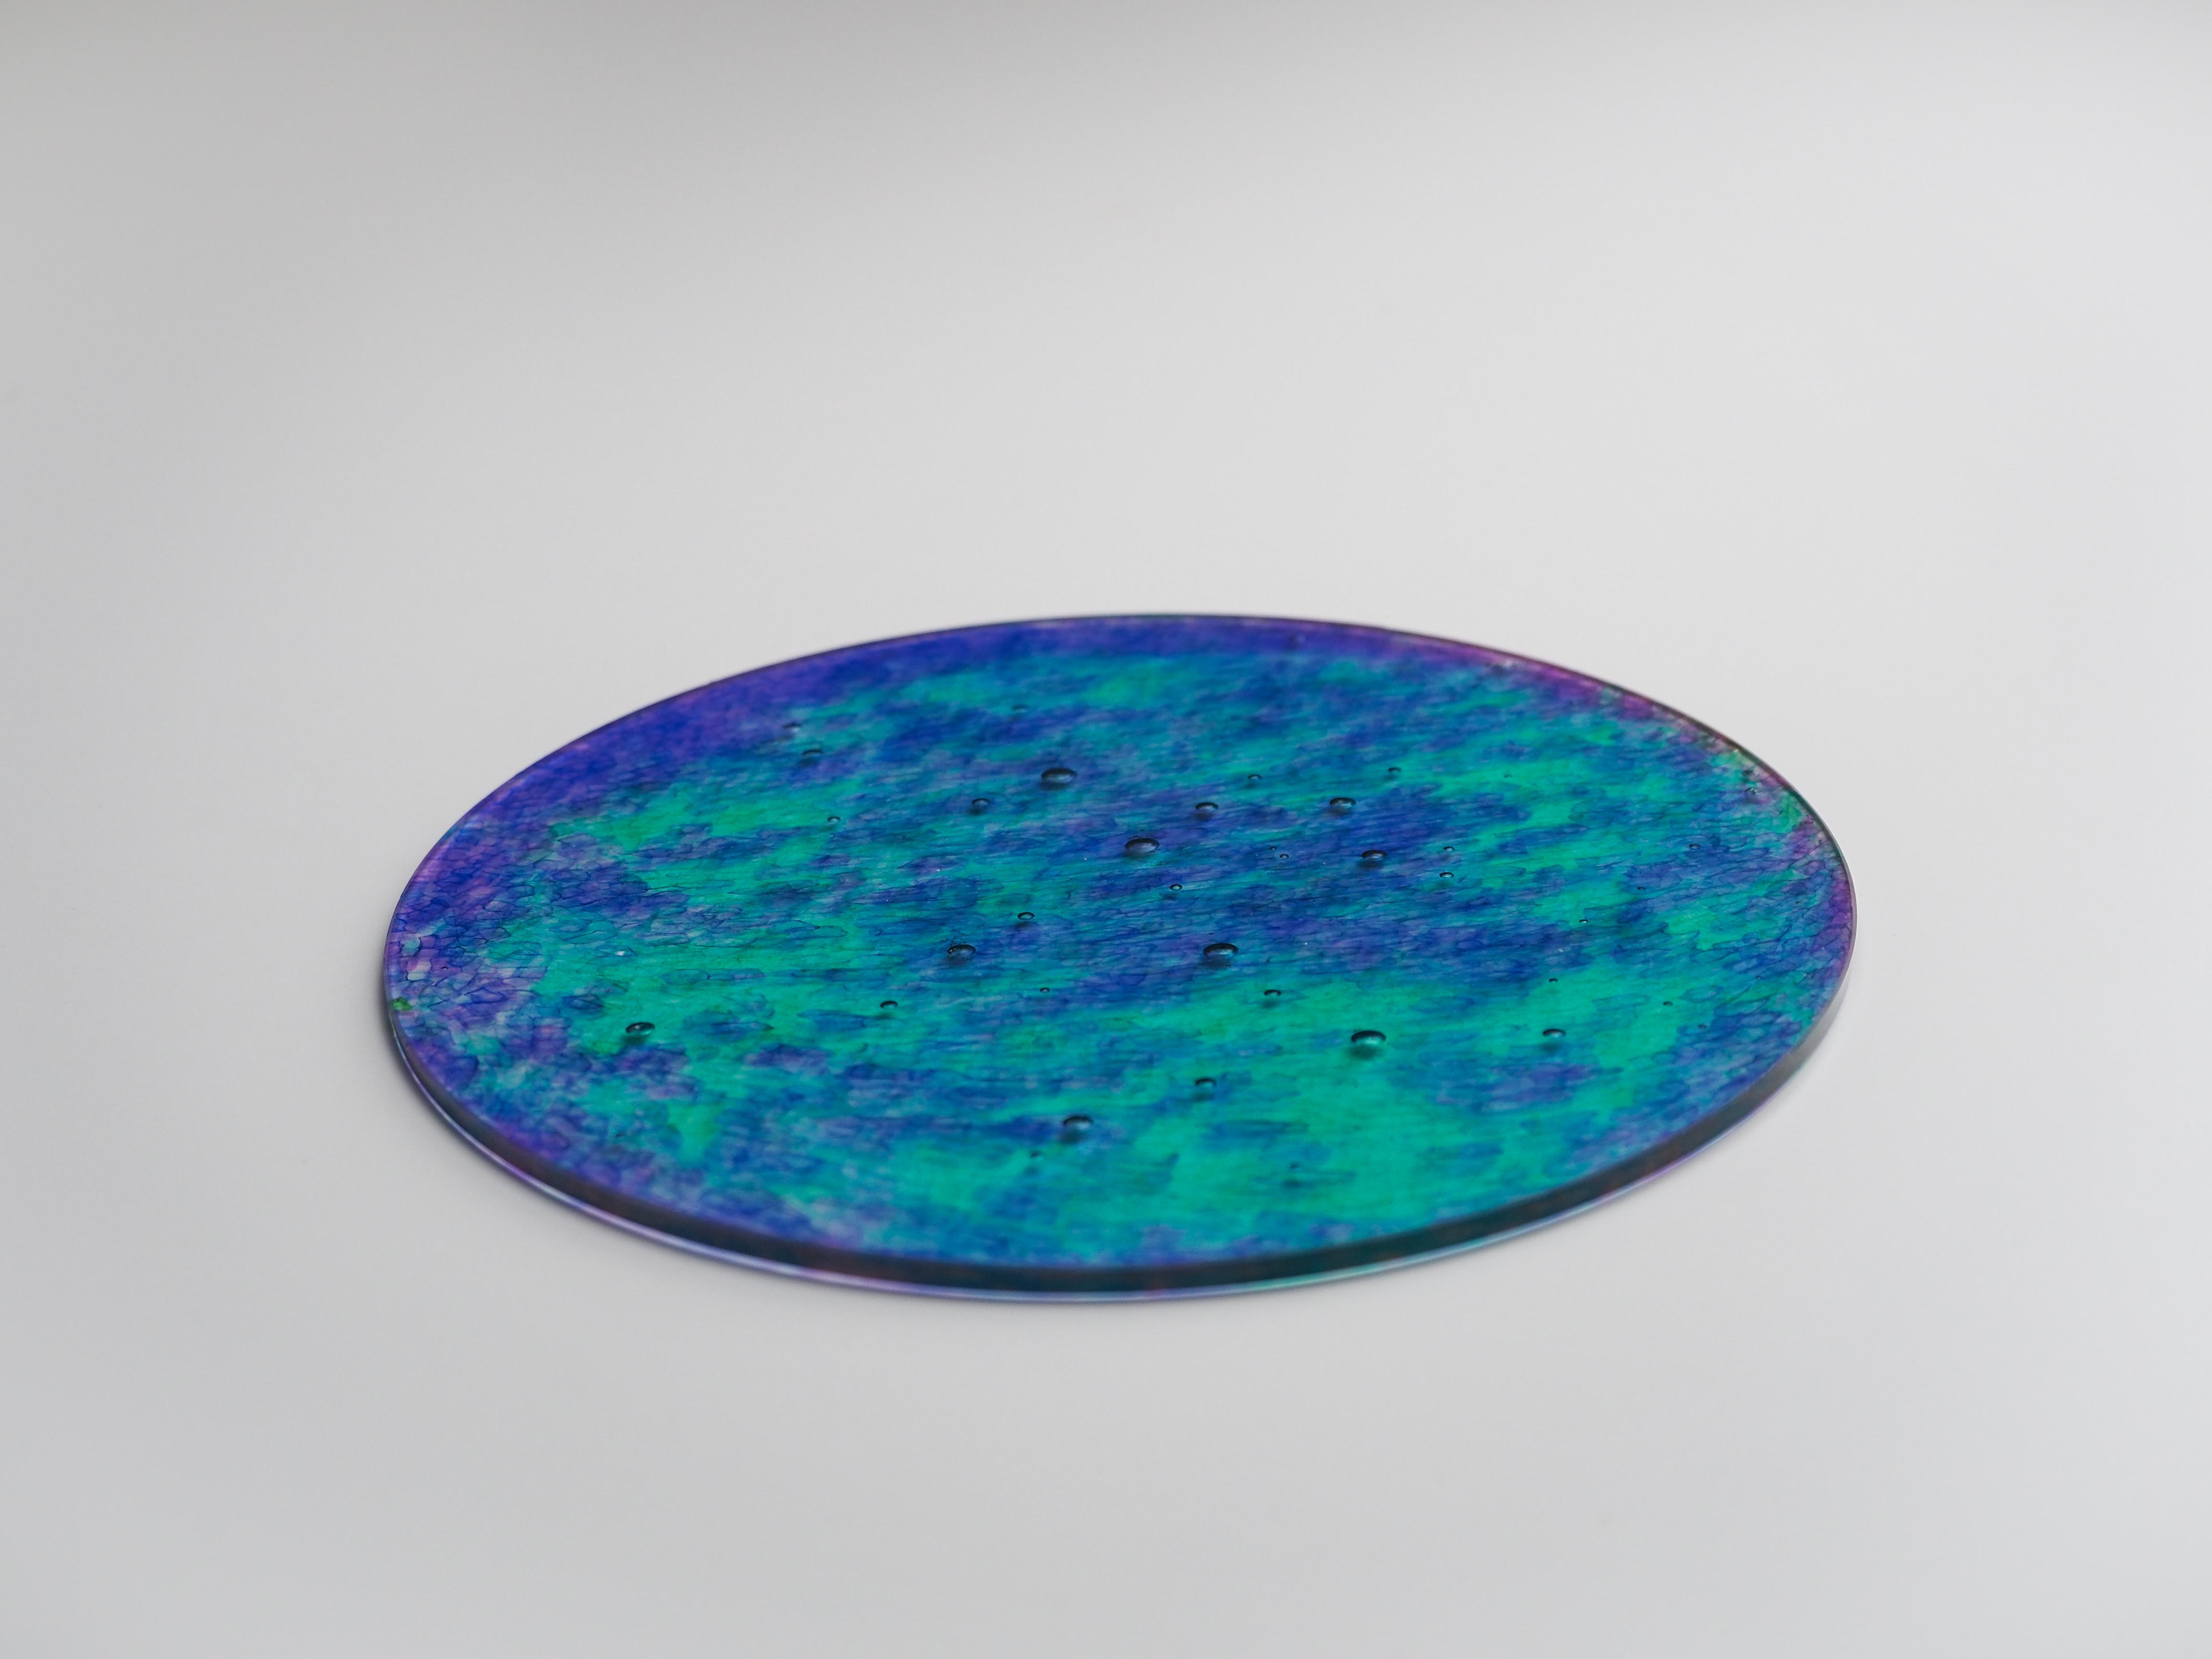 インテリアプレート-CL(紫×緑)ip-cl-1